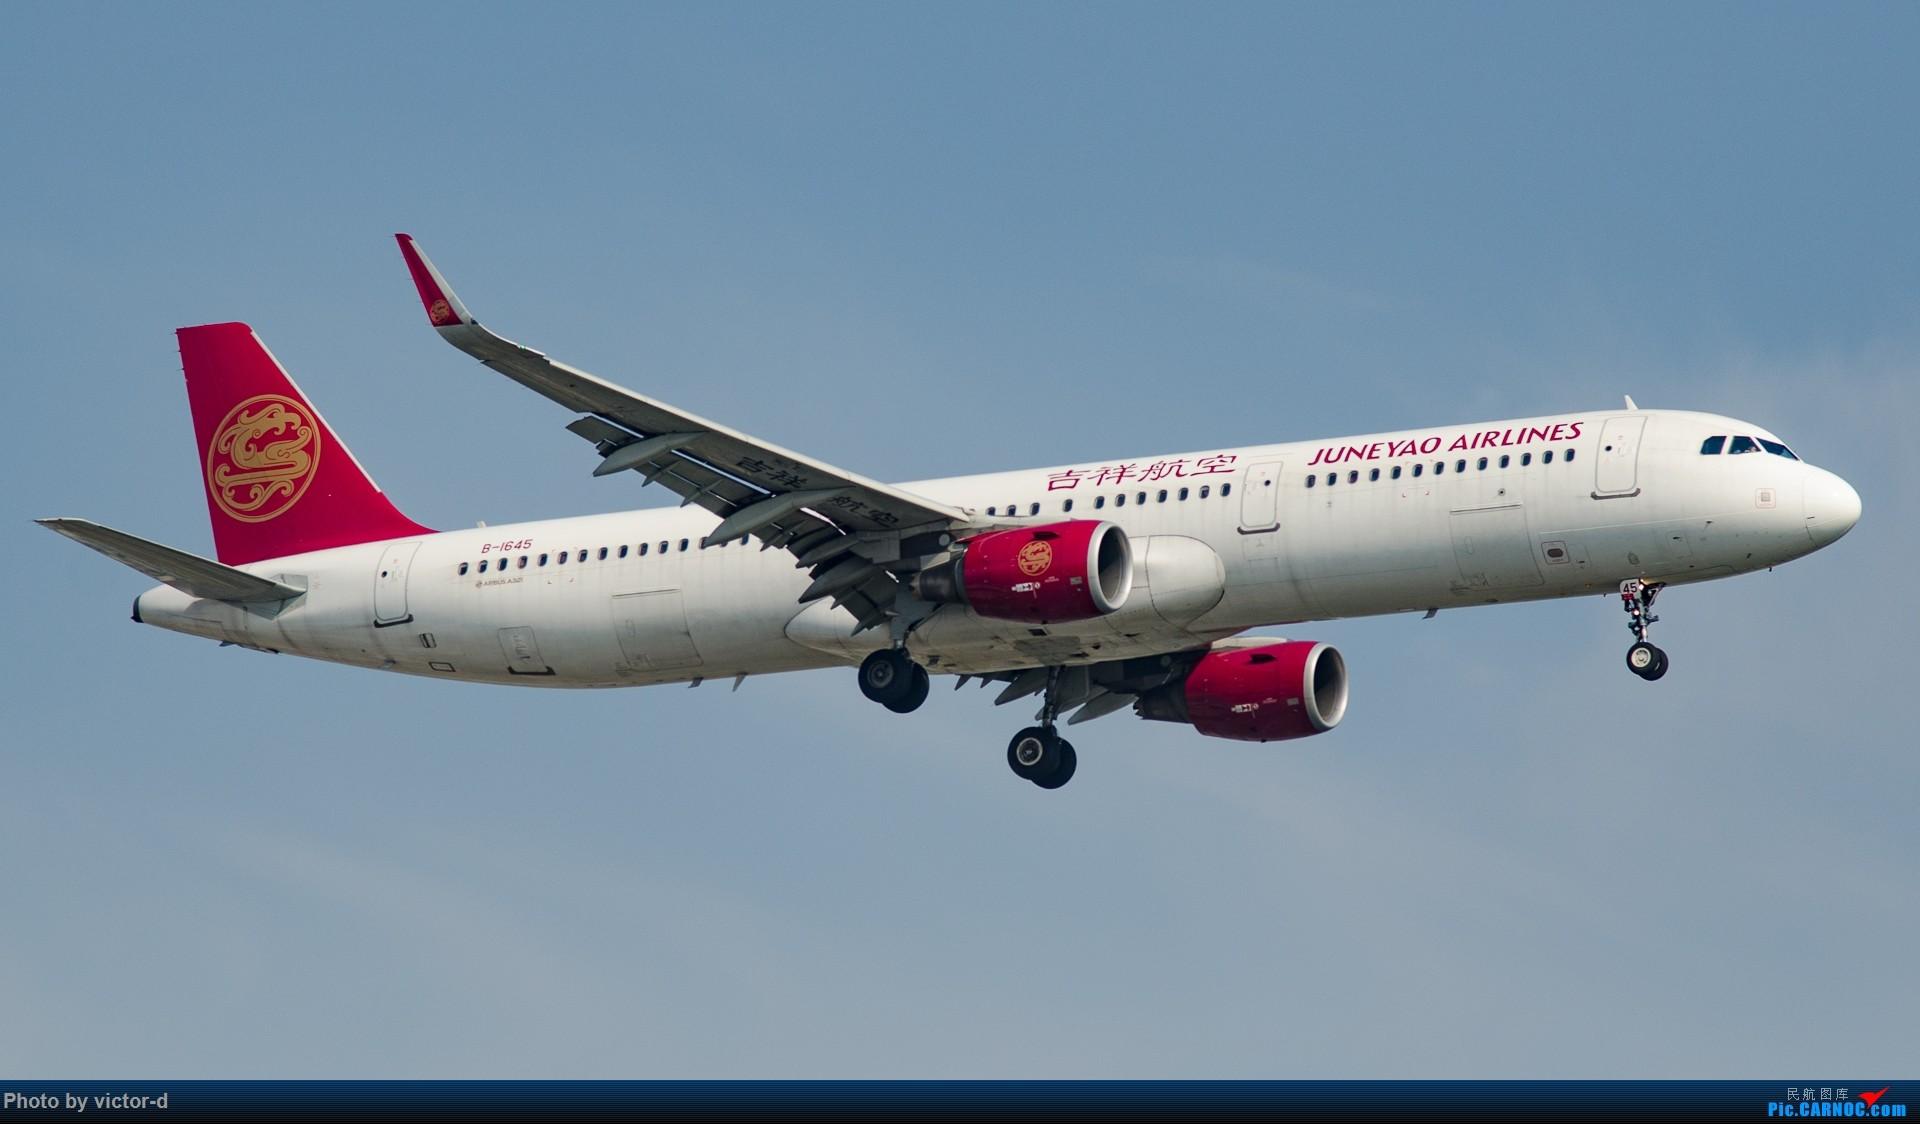 Re:[原创]【上海飞友会】拍机记录帖-记录这些年拍到的飞机-不定时更新 AIRBUS A321-200 B-1645 中国上海虹桥国际机场